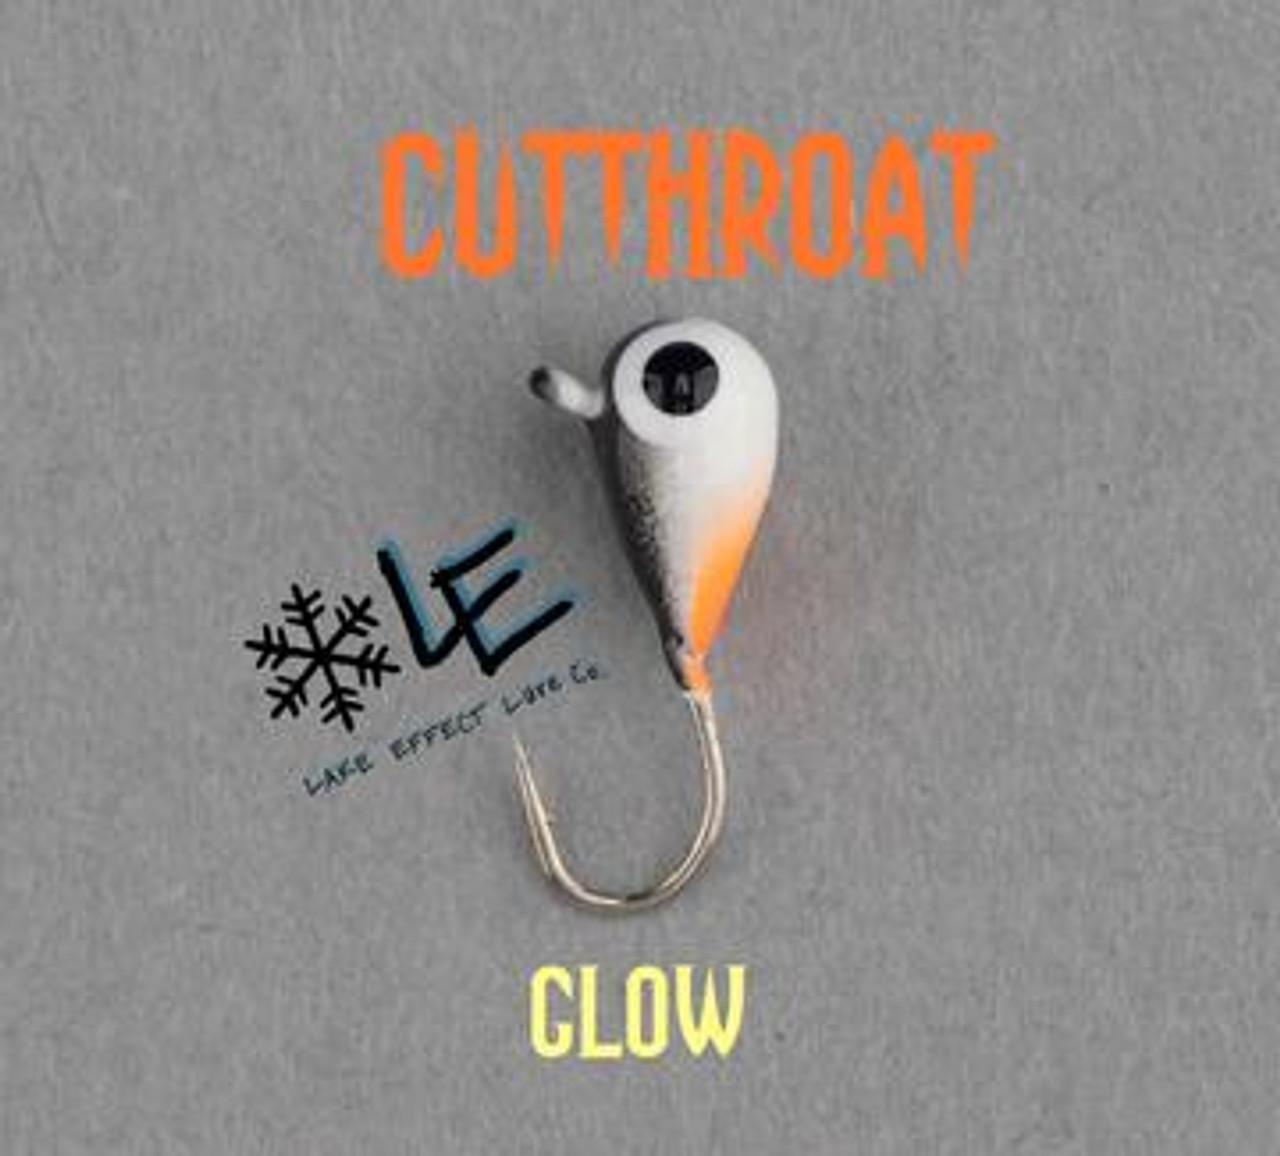 Cutthroat-704